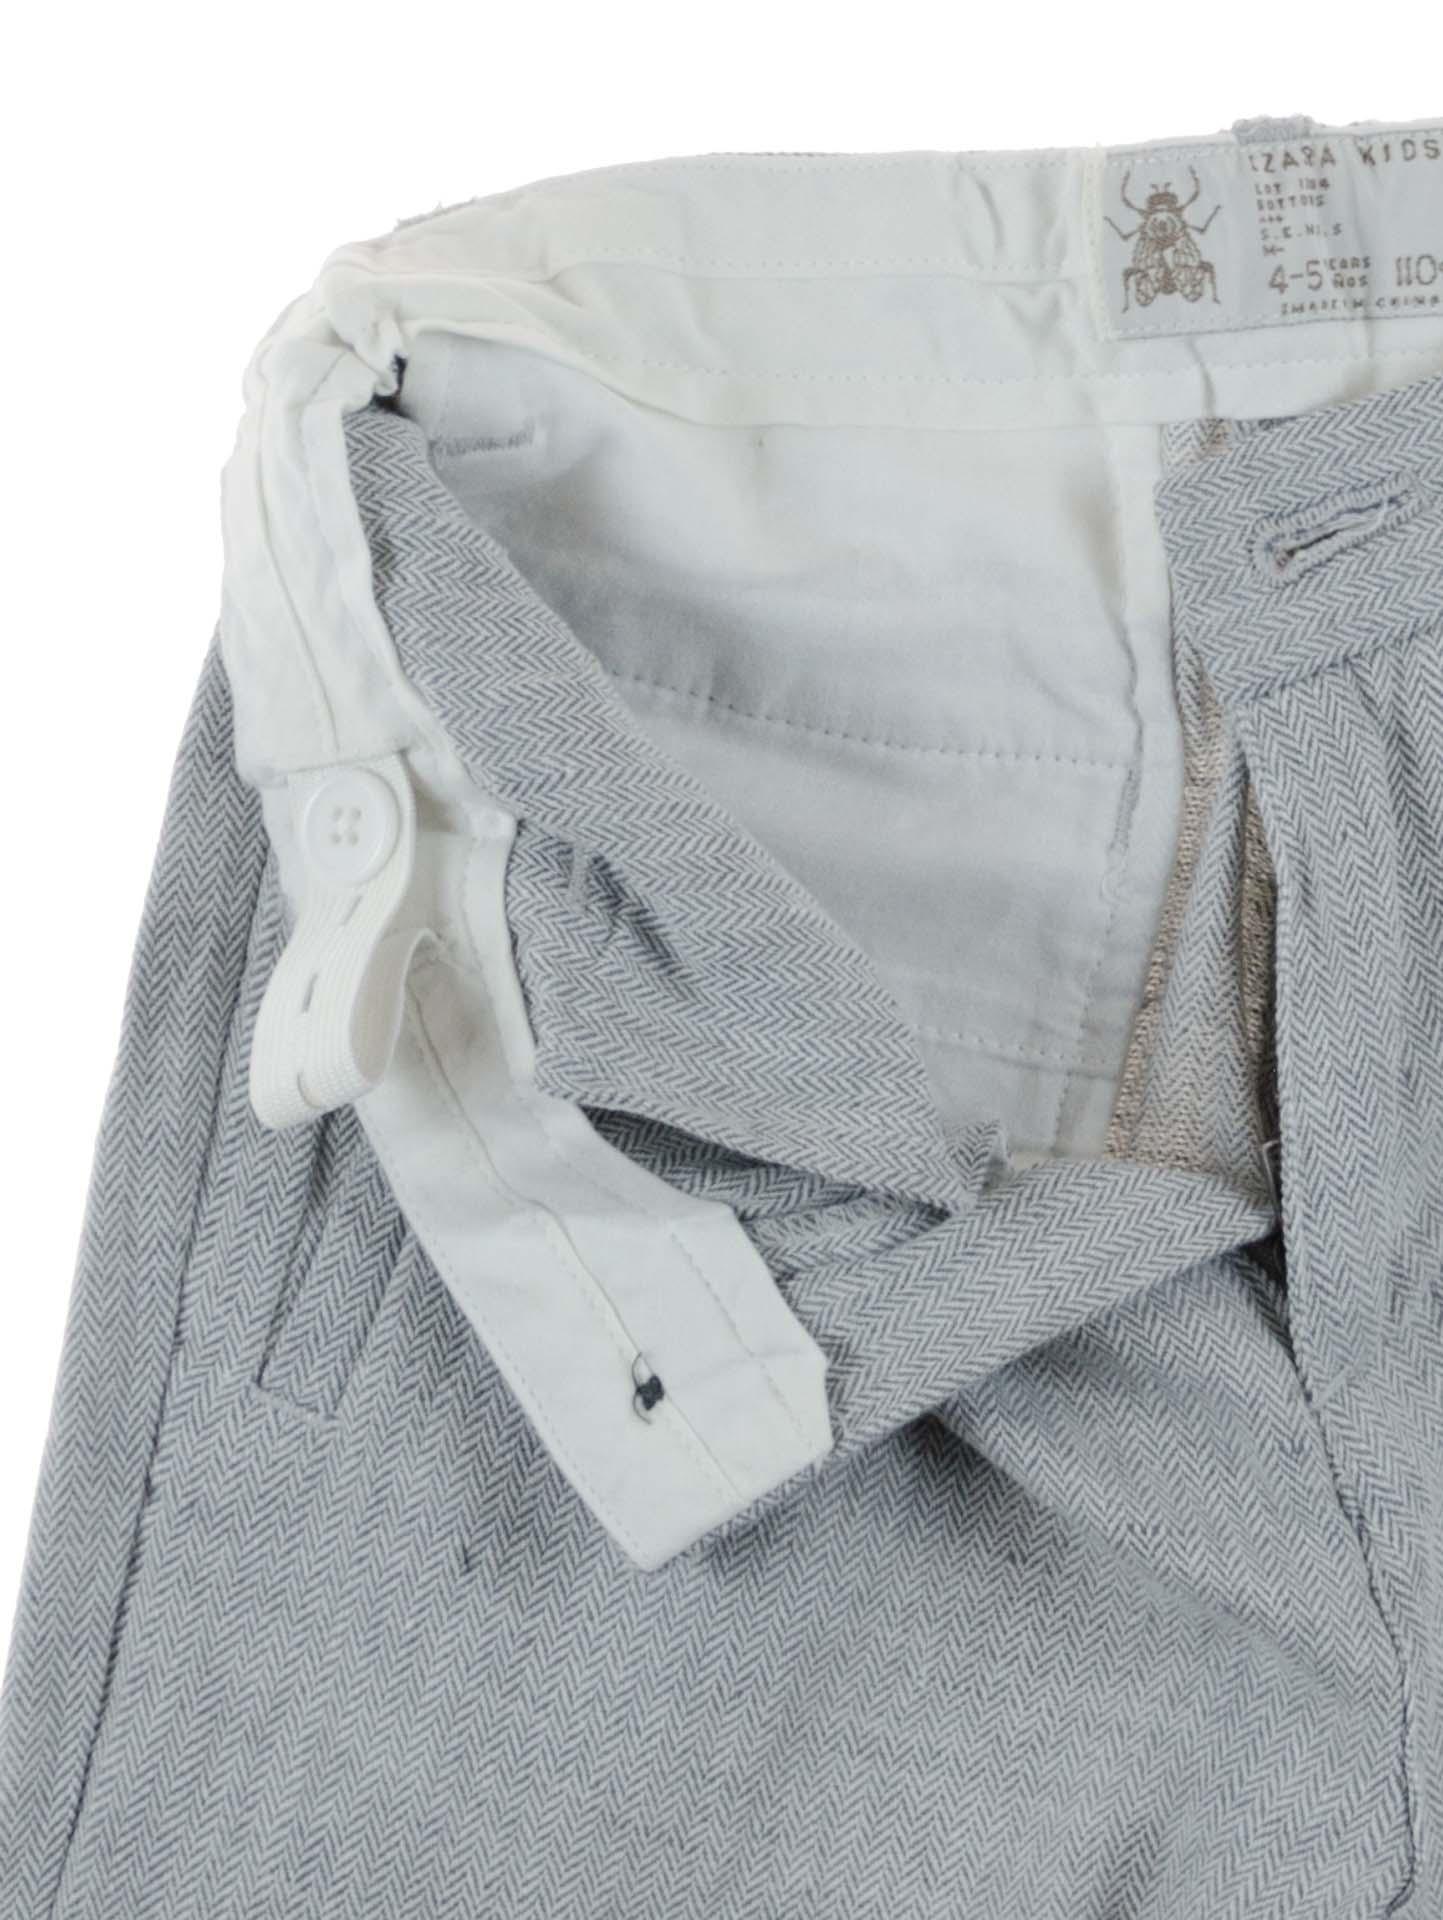 Купити Класичні літні брюки для хлопчика  f2540bd261f20